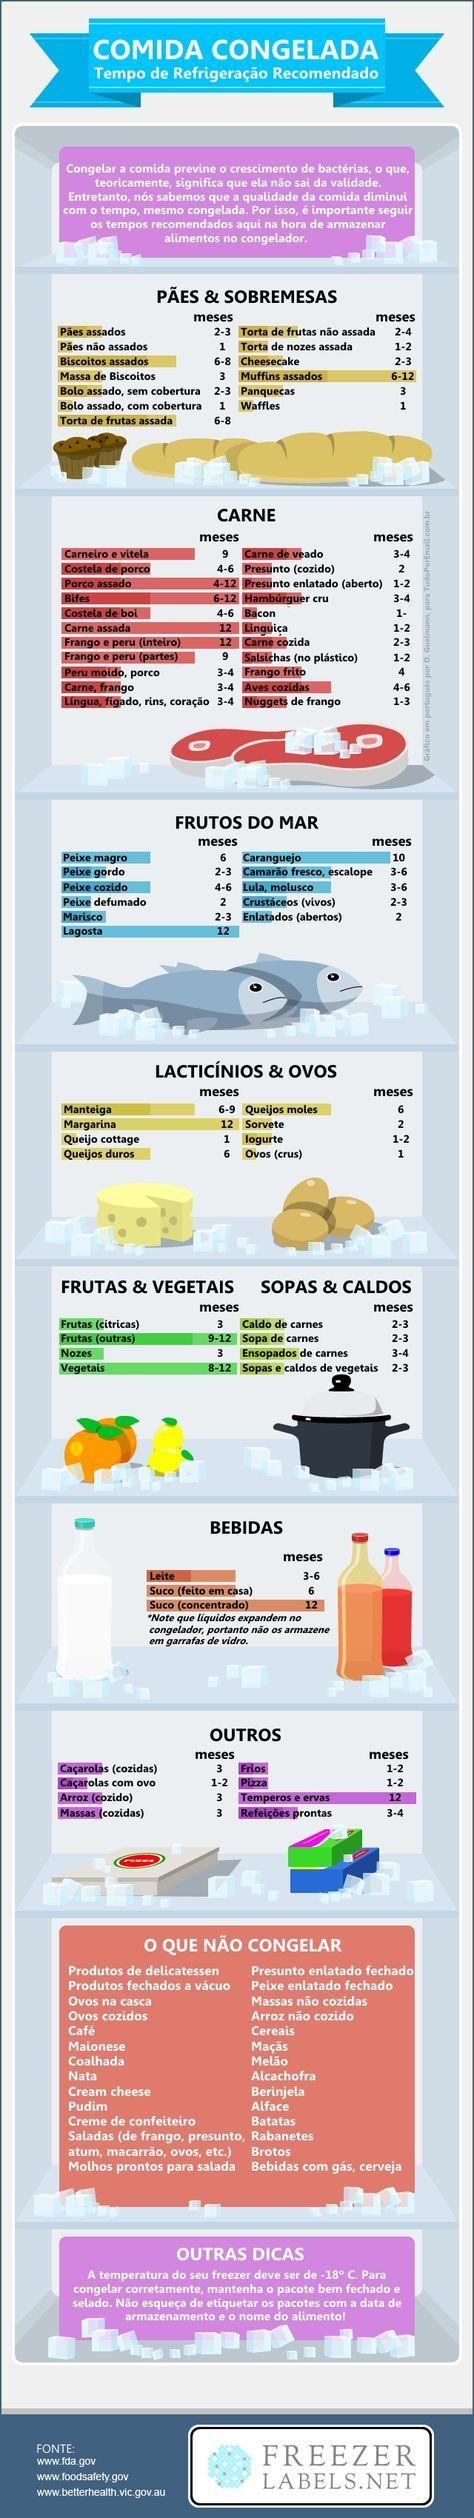 Por Quanto Tempo Posso Congelar A Comida?